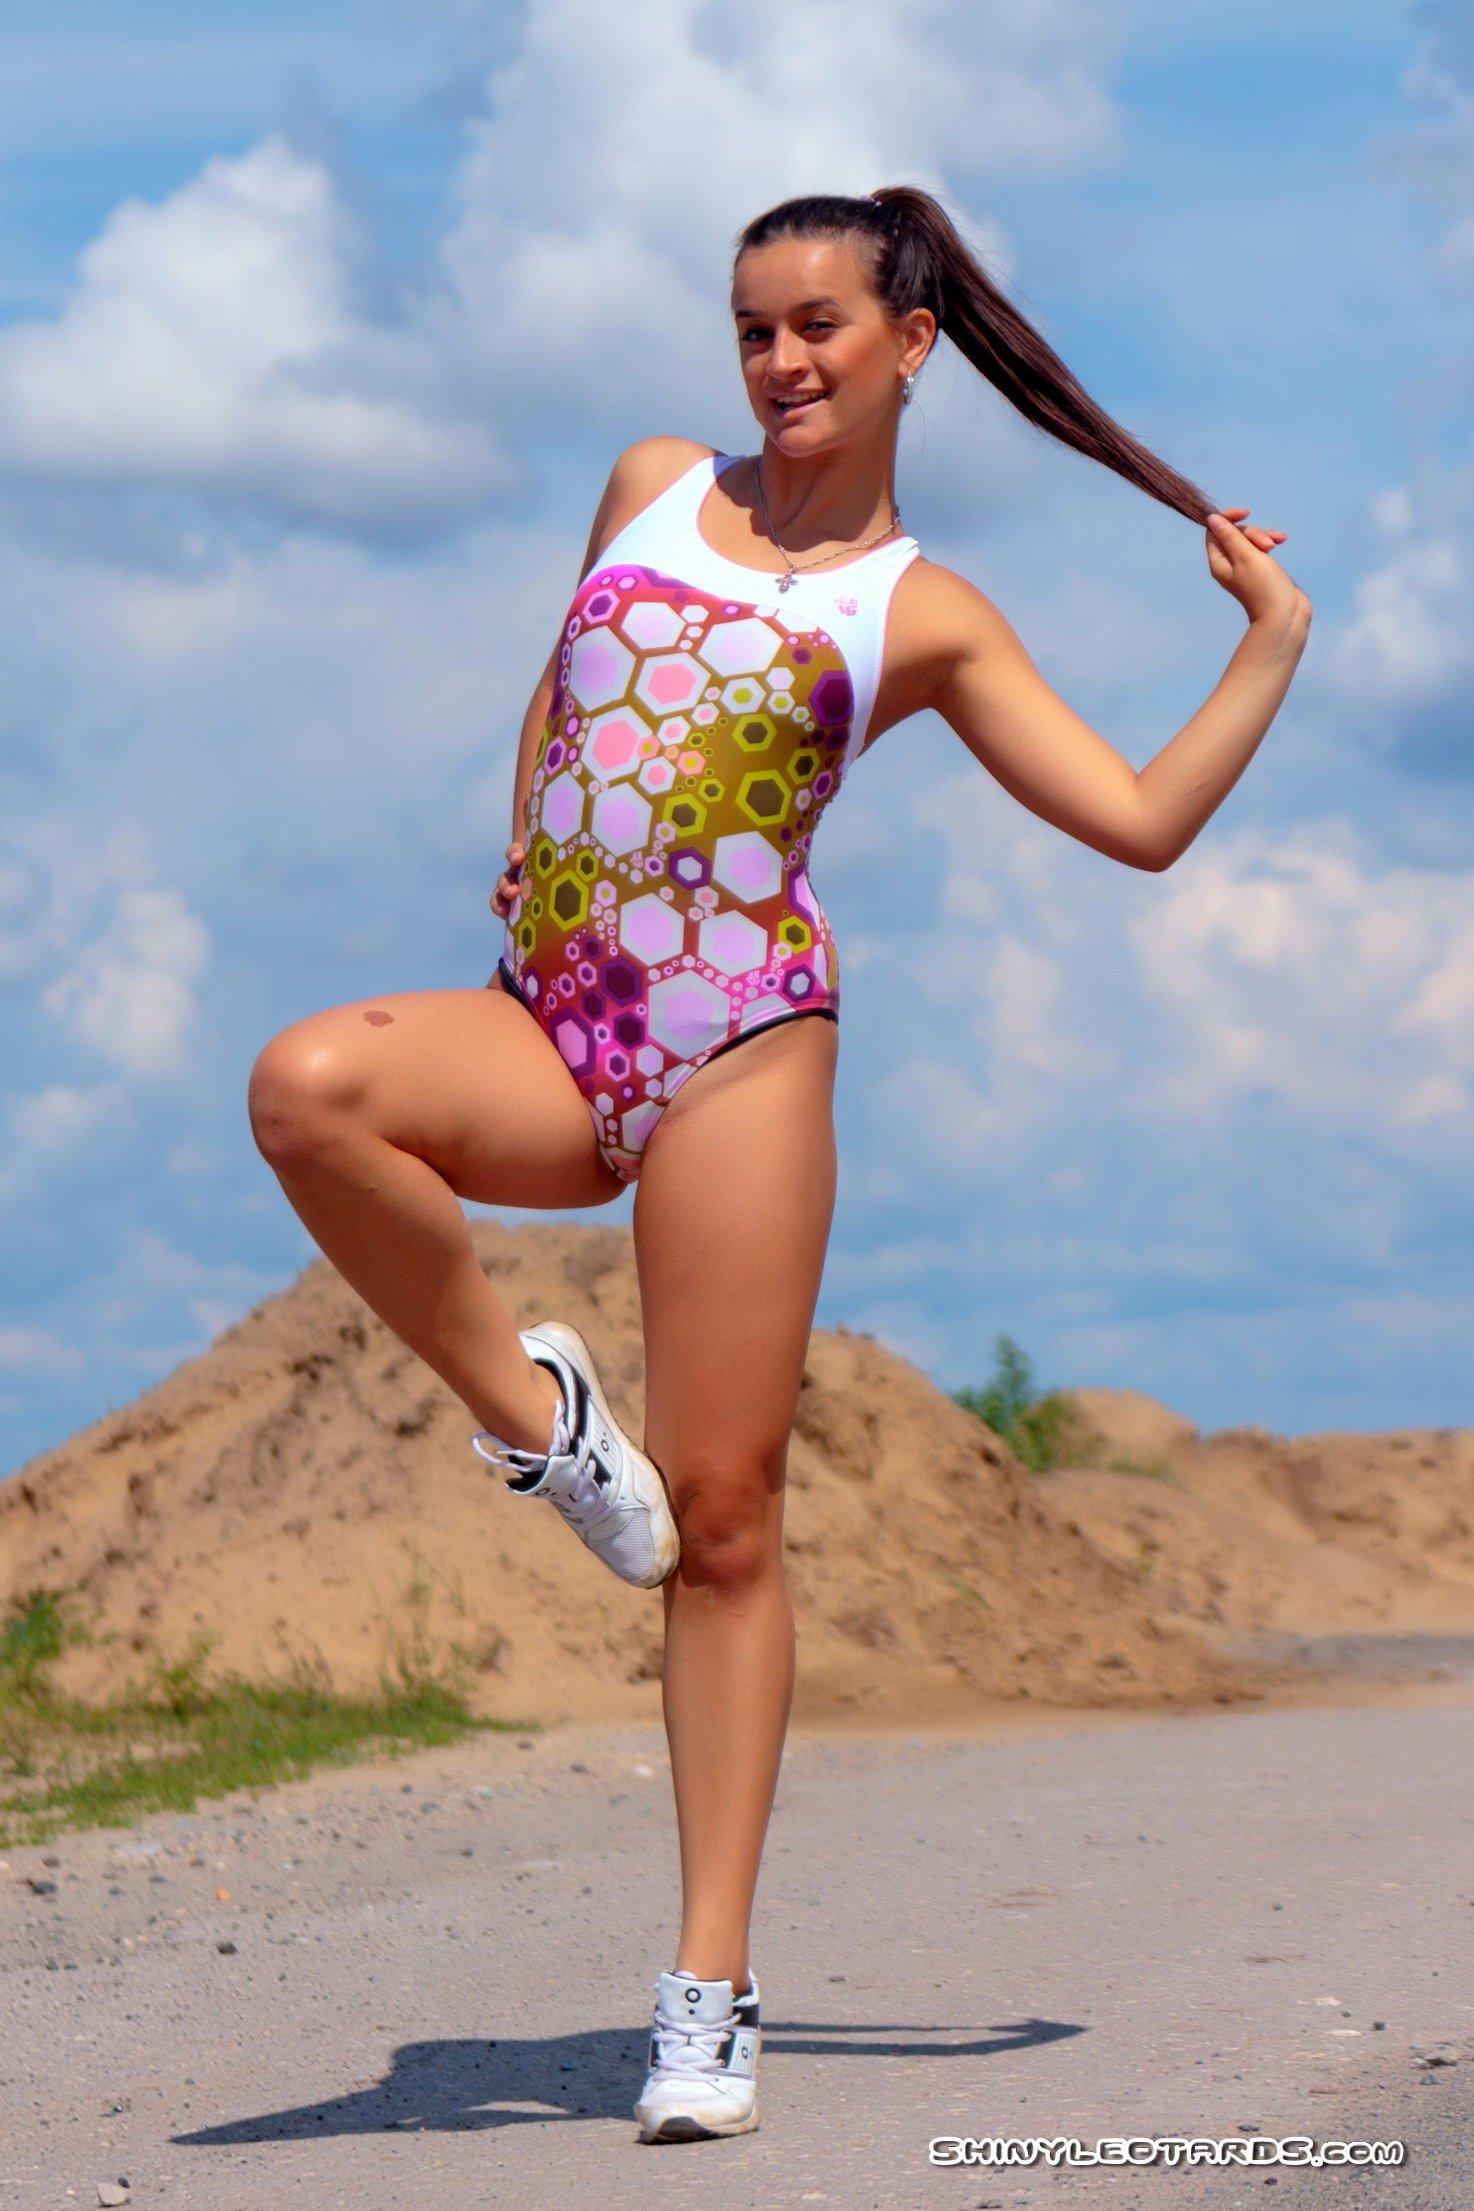 Гибкая Спортивная Девушка (18 фото)